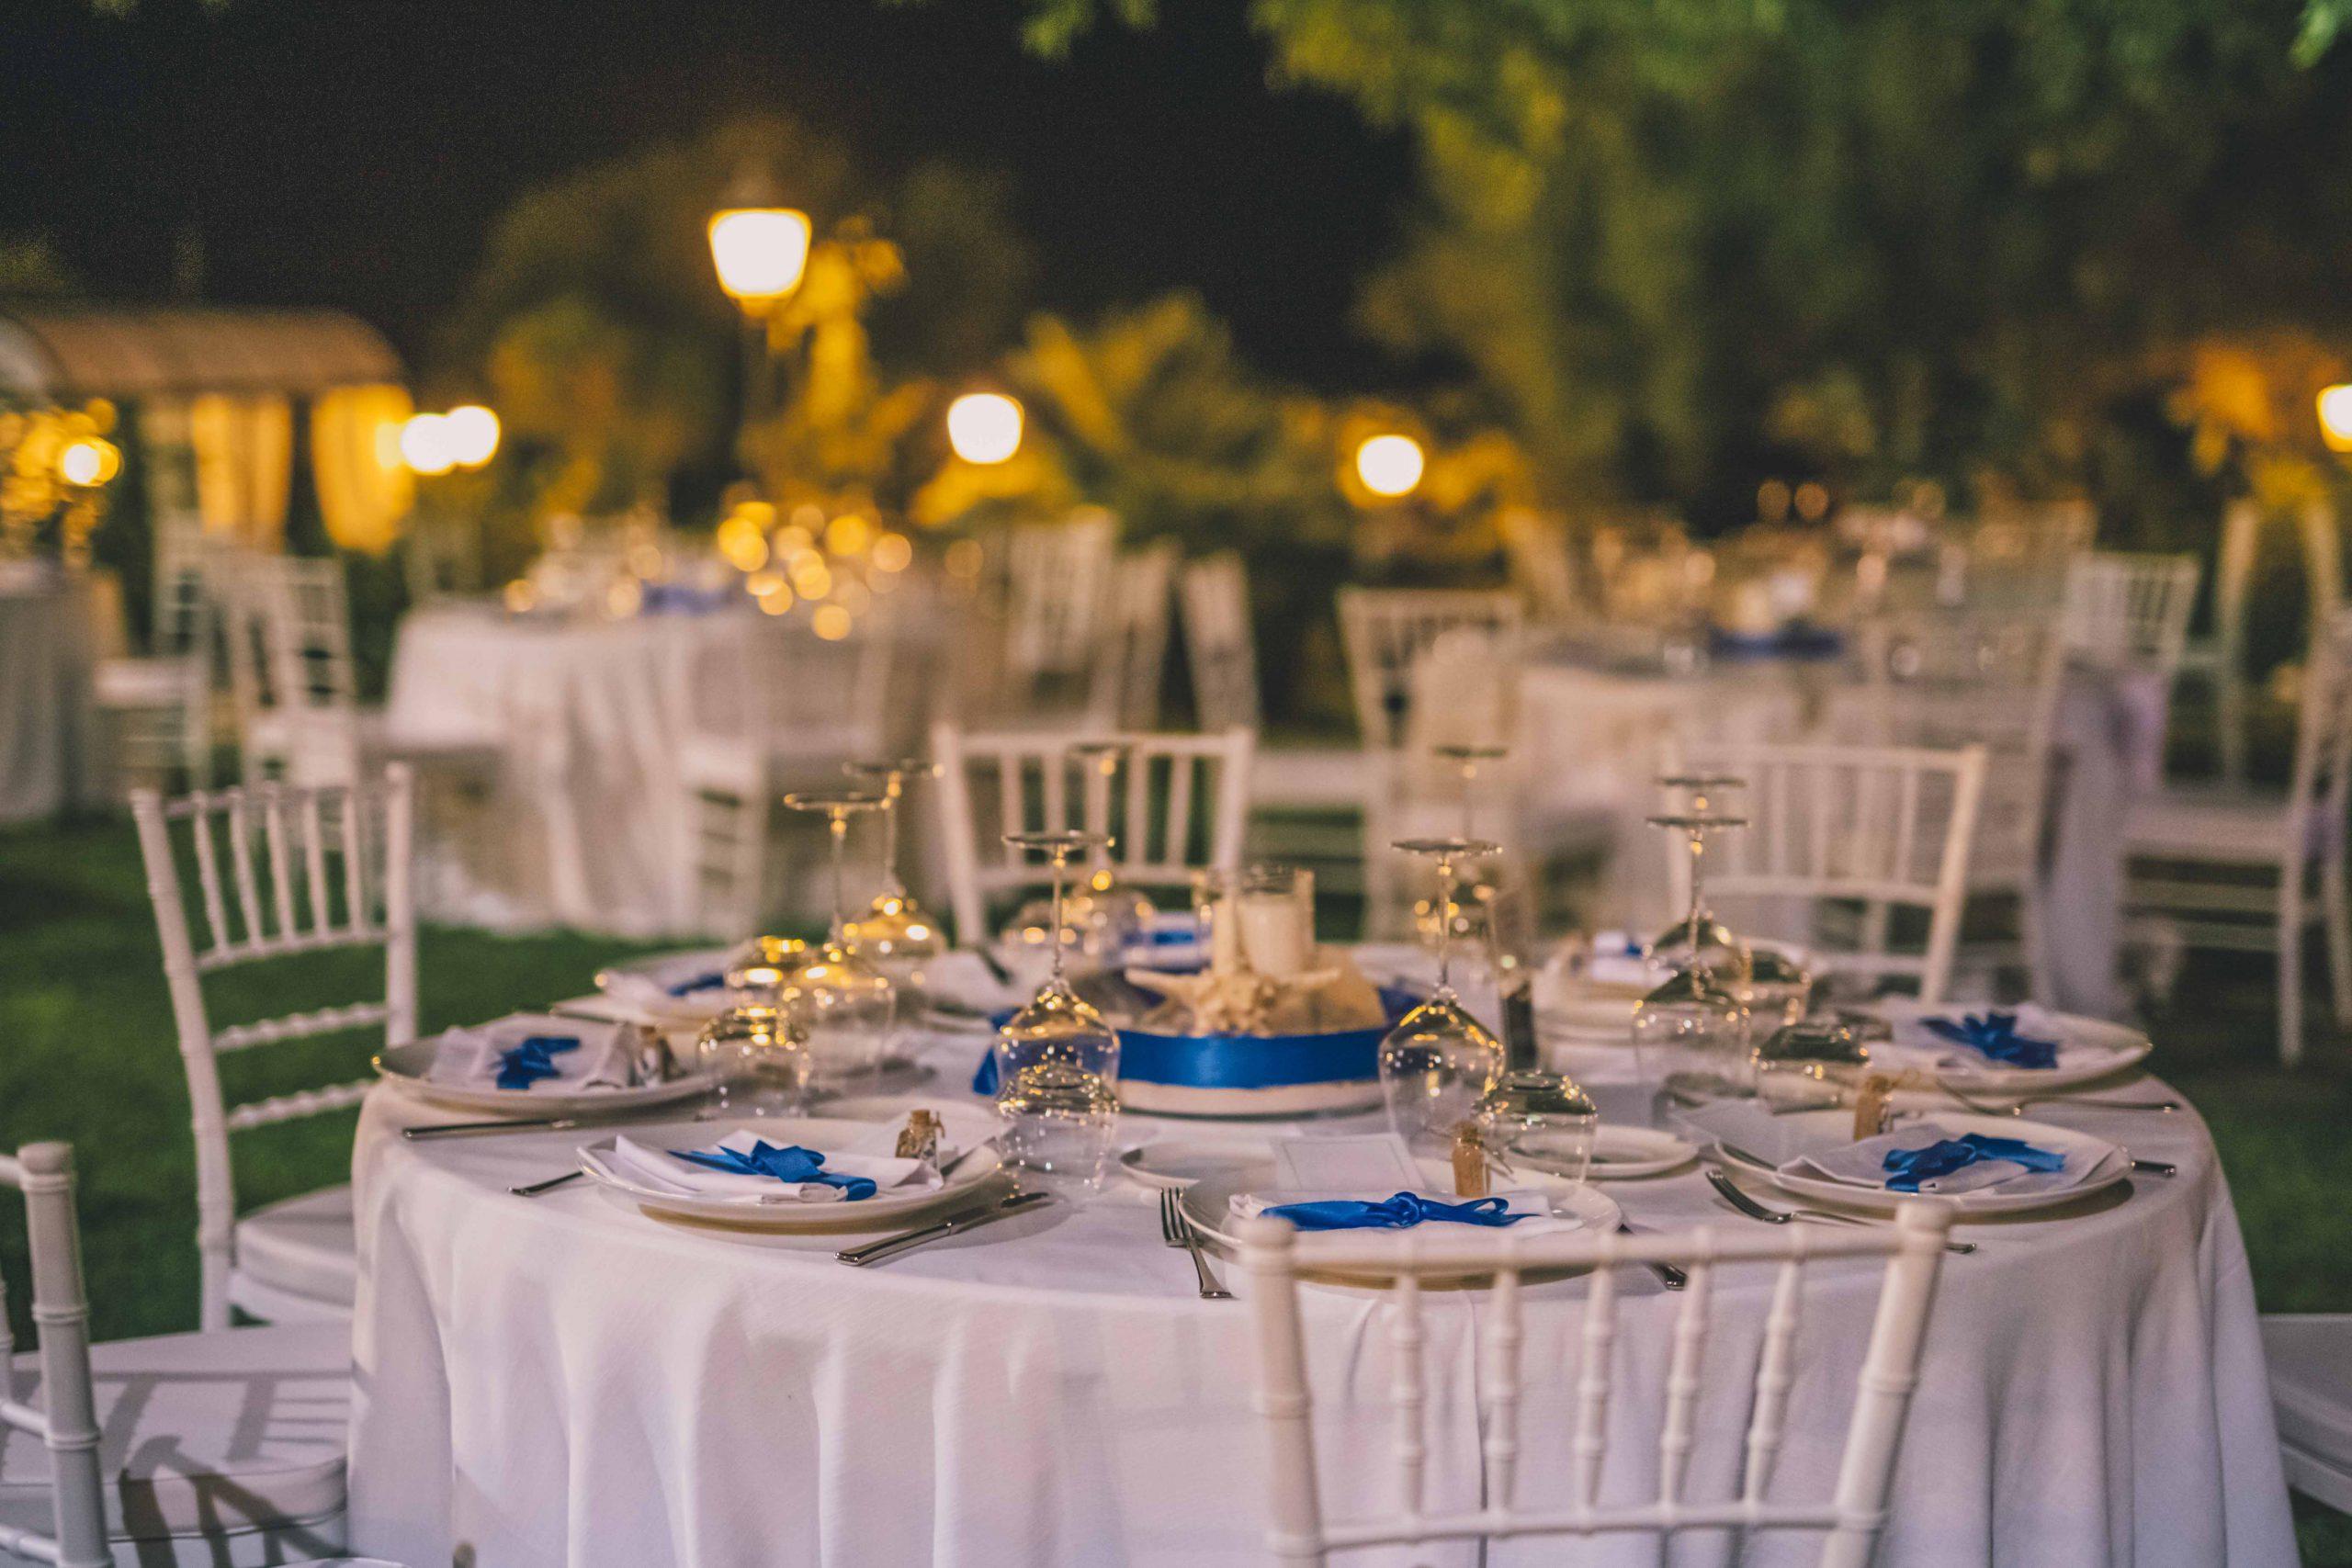 Pronti per accogliervi: per il tuo matrimonio scegli Villa Musmeci, elegante, storica e immersa nella natura.